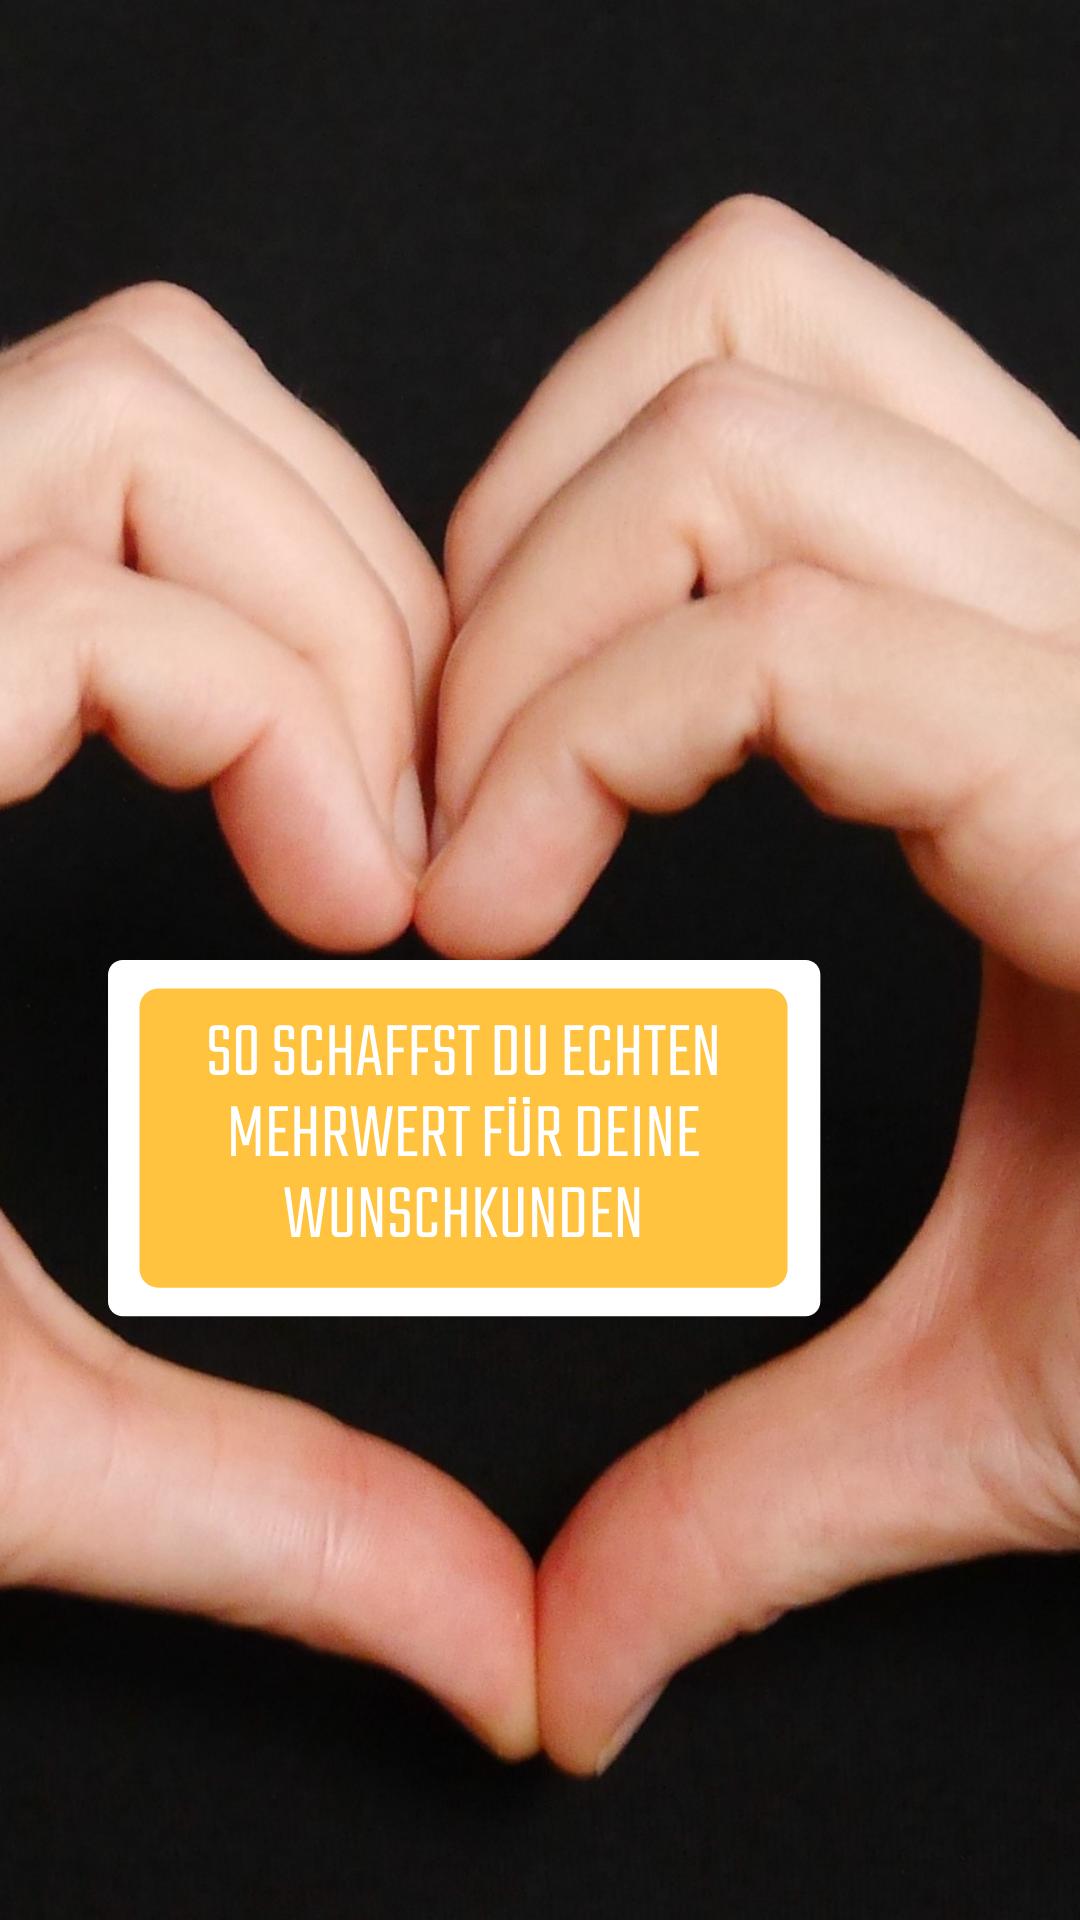 Hände, die ein Herz bilden mit Text: So schaffst Du echten Mehrwert für Deine Wunschkunden